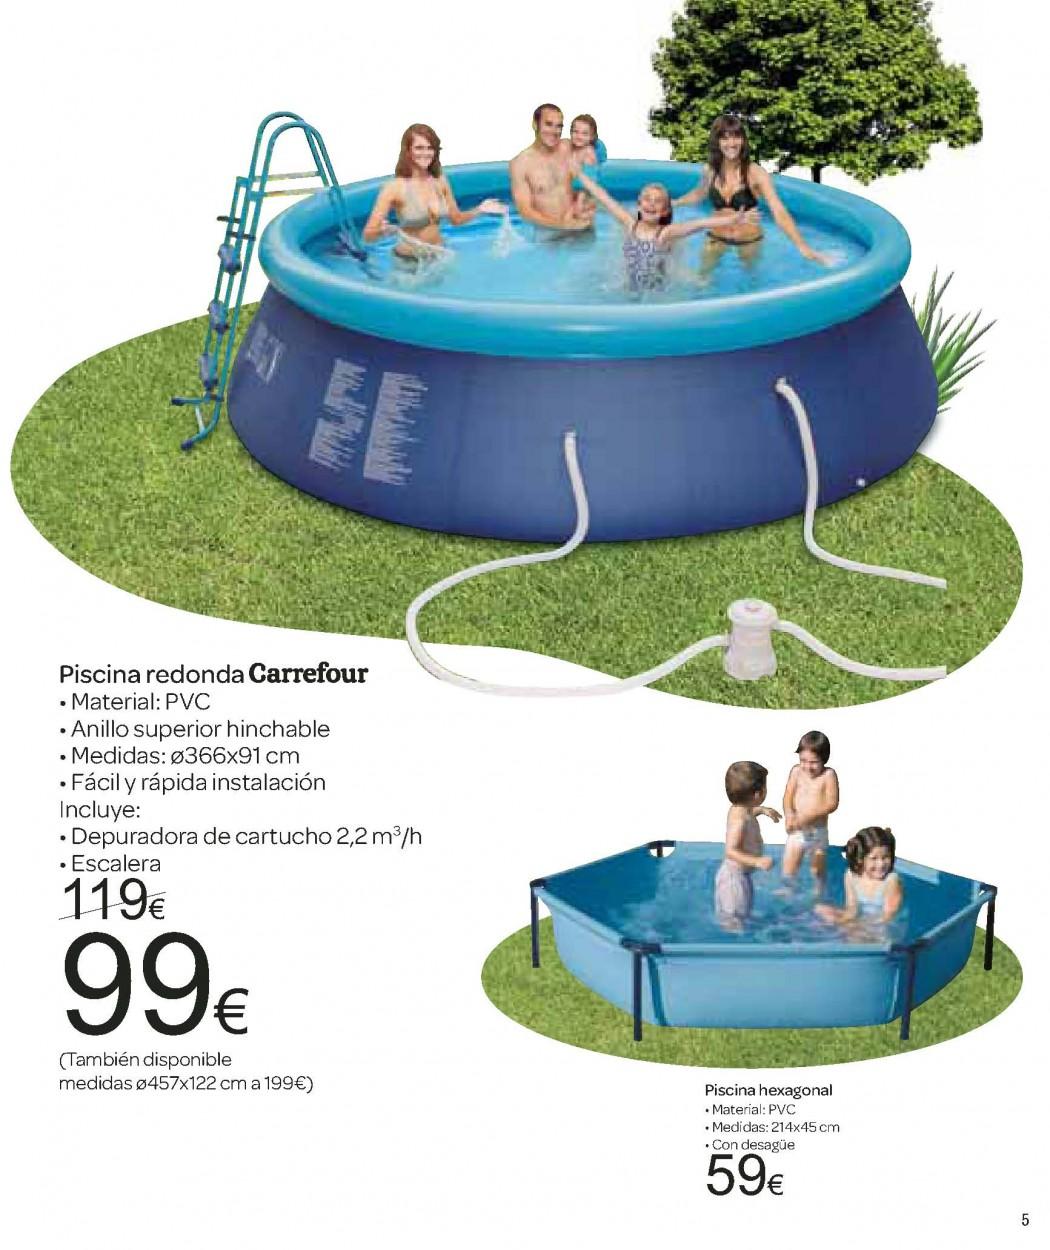 Catalogo Carrefour Junio 2012 - Especial Piscinas y Jardin_Page_05